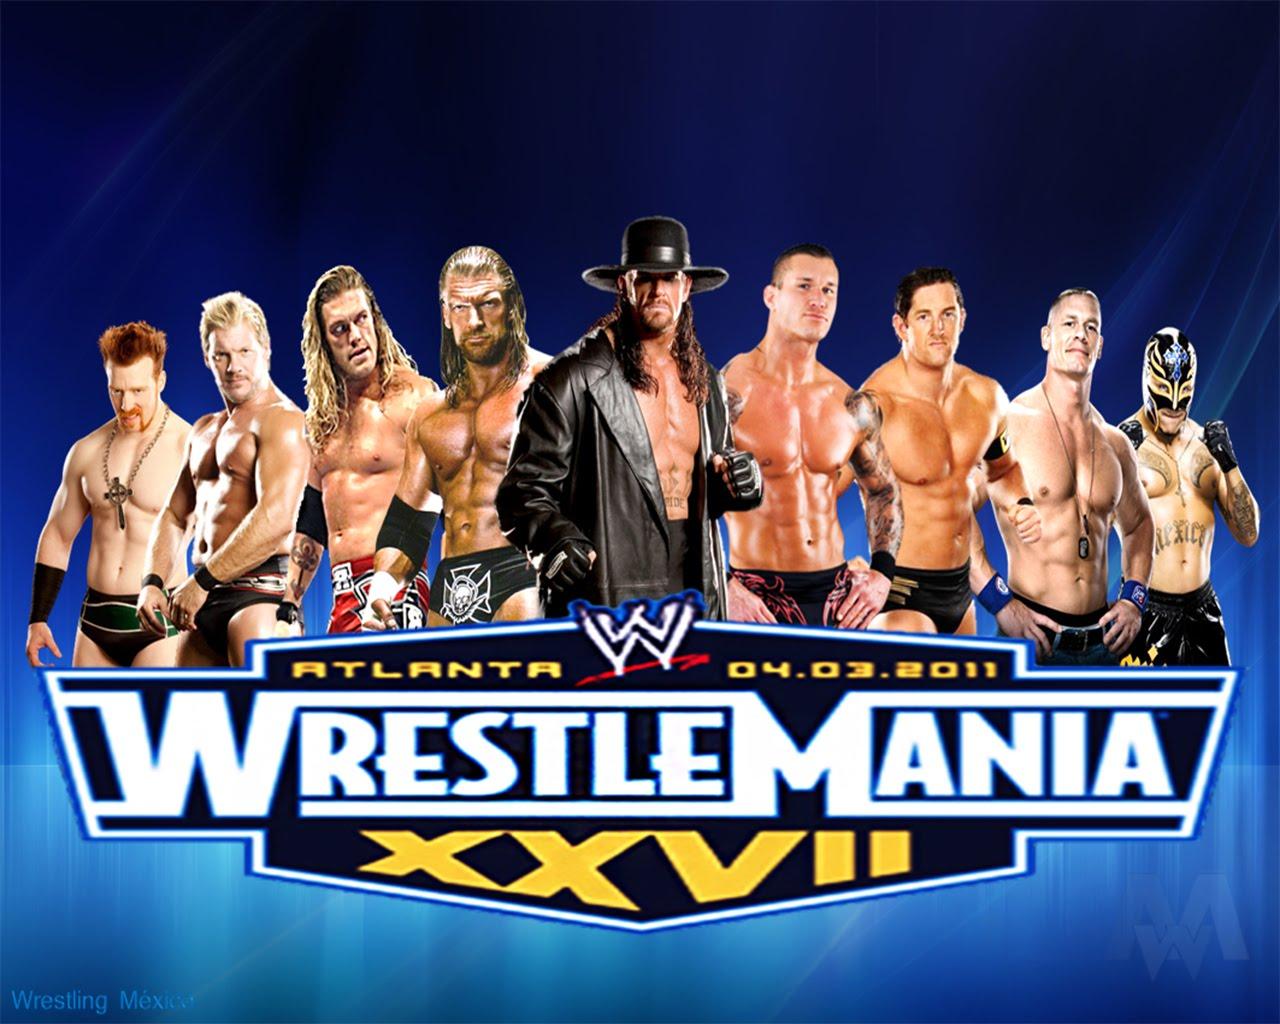 wwe com wrestlemania: